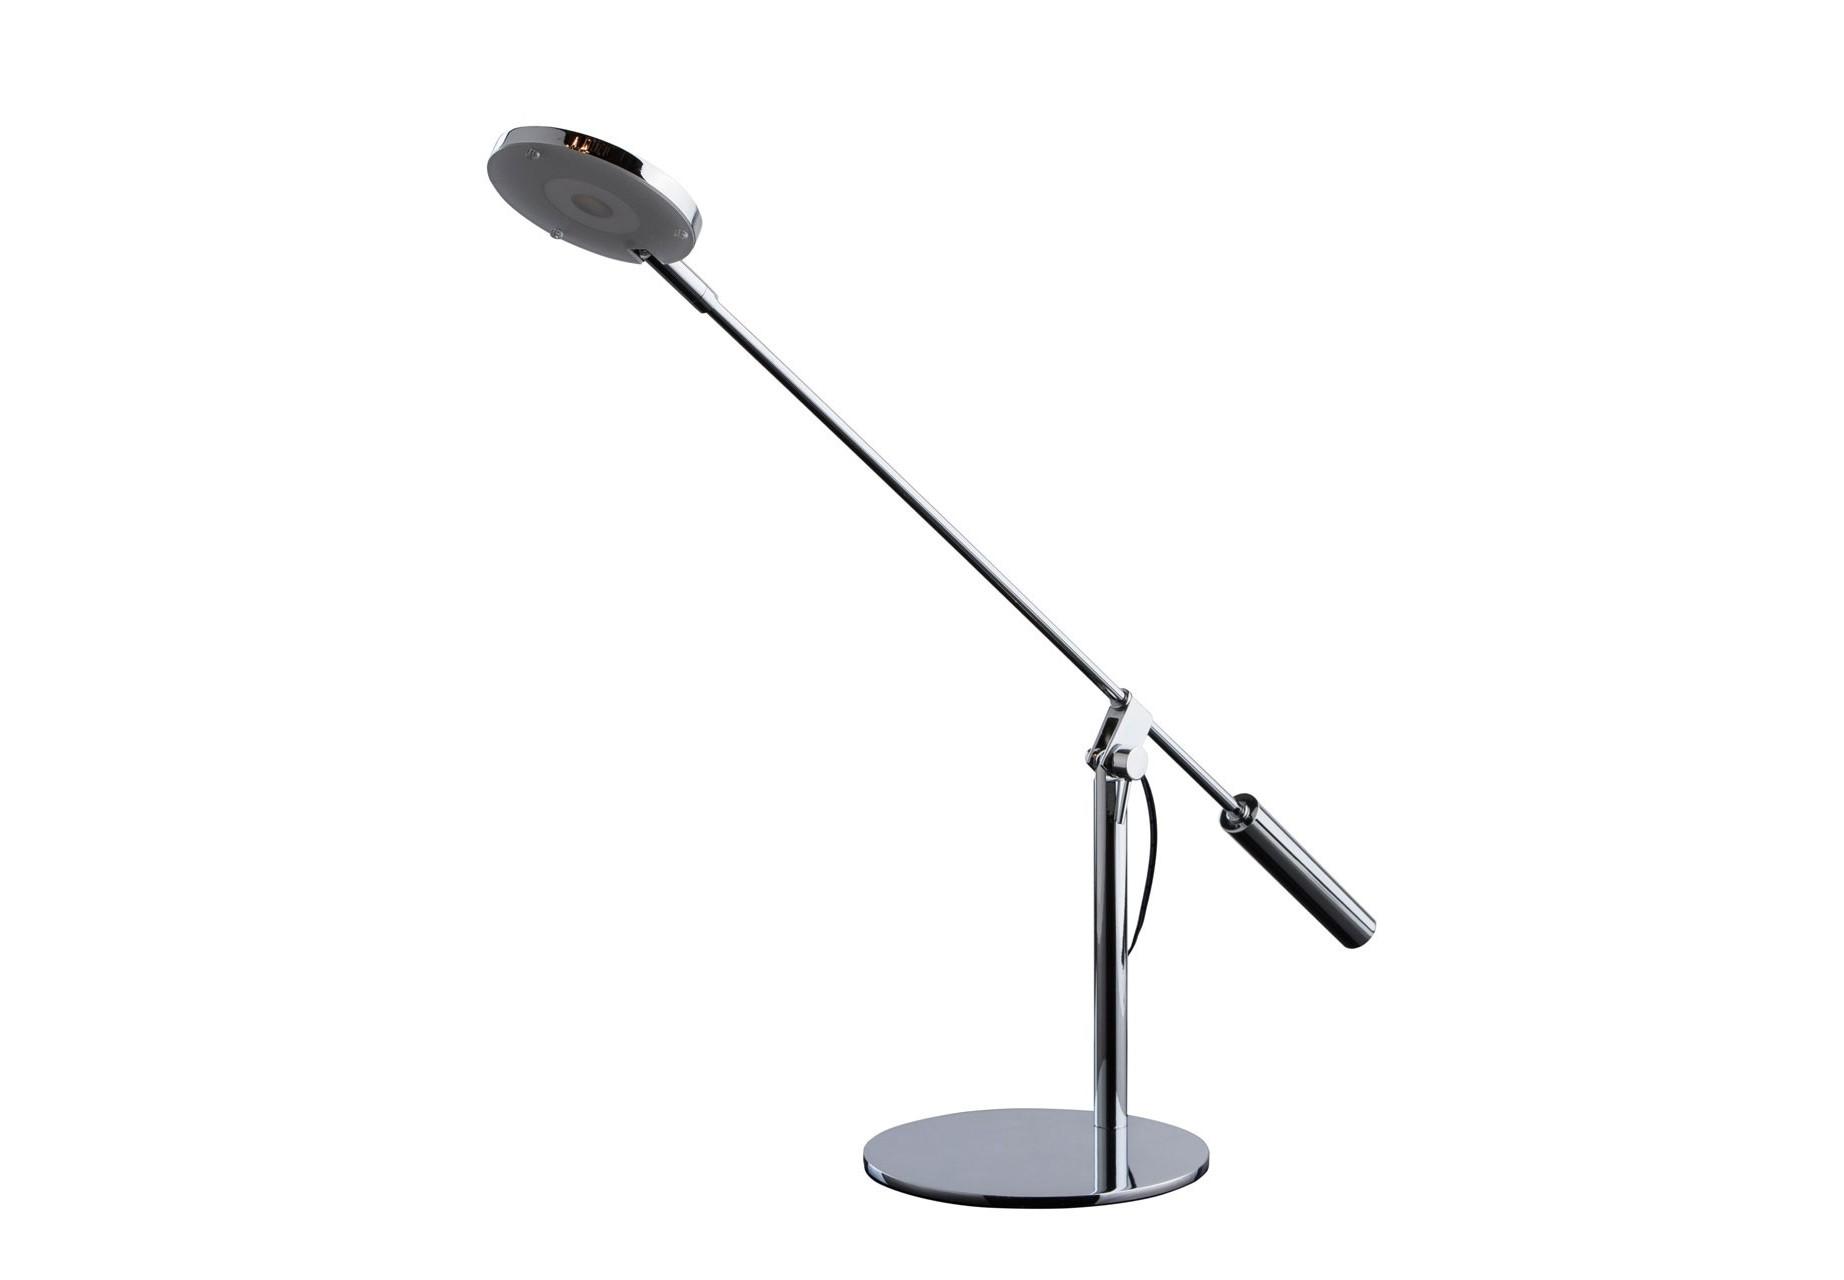 Настольная лампа РакурсНастольные лампы<br>Цоколь: LED,&amp;amp;nbsp;&amp;lt;div&amp;gt;Мощность лампы: 5W,&amp;amp;nbsp;&amp;lt;/div&amp;gt;&amp;lt;div&amp;gt;Количество ламп: 1&amp;lt;/div&amp;gt;&amp;lt;div&amp;gt;Лампочка входит в комплект.&amp;lt;/div&amp;gt;<br><br>Material: Металл<br>Width см: 70<br>Depth см: 16<br>Height см: 60